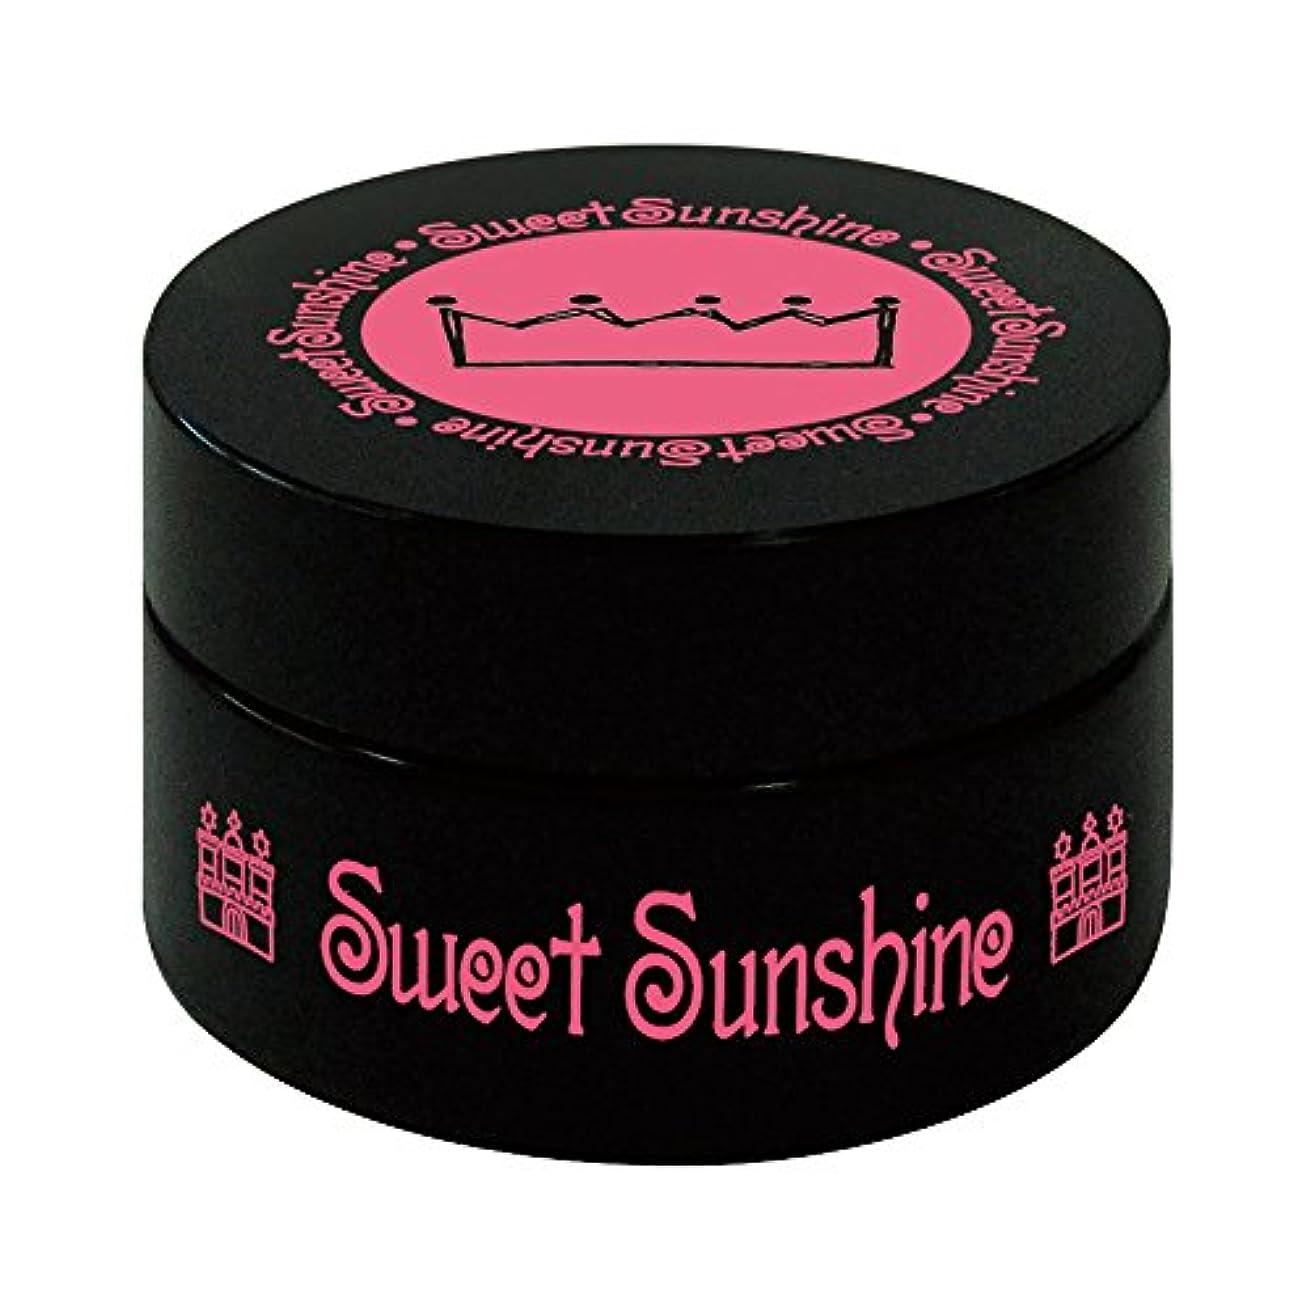 オリエンテーション購入ボール最速硬化LED対応 Sweet Sunshine スィート サンシャイン カラージェル NS-8 4g スパイシーマスタード